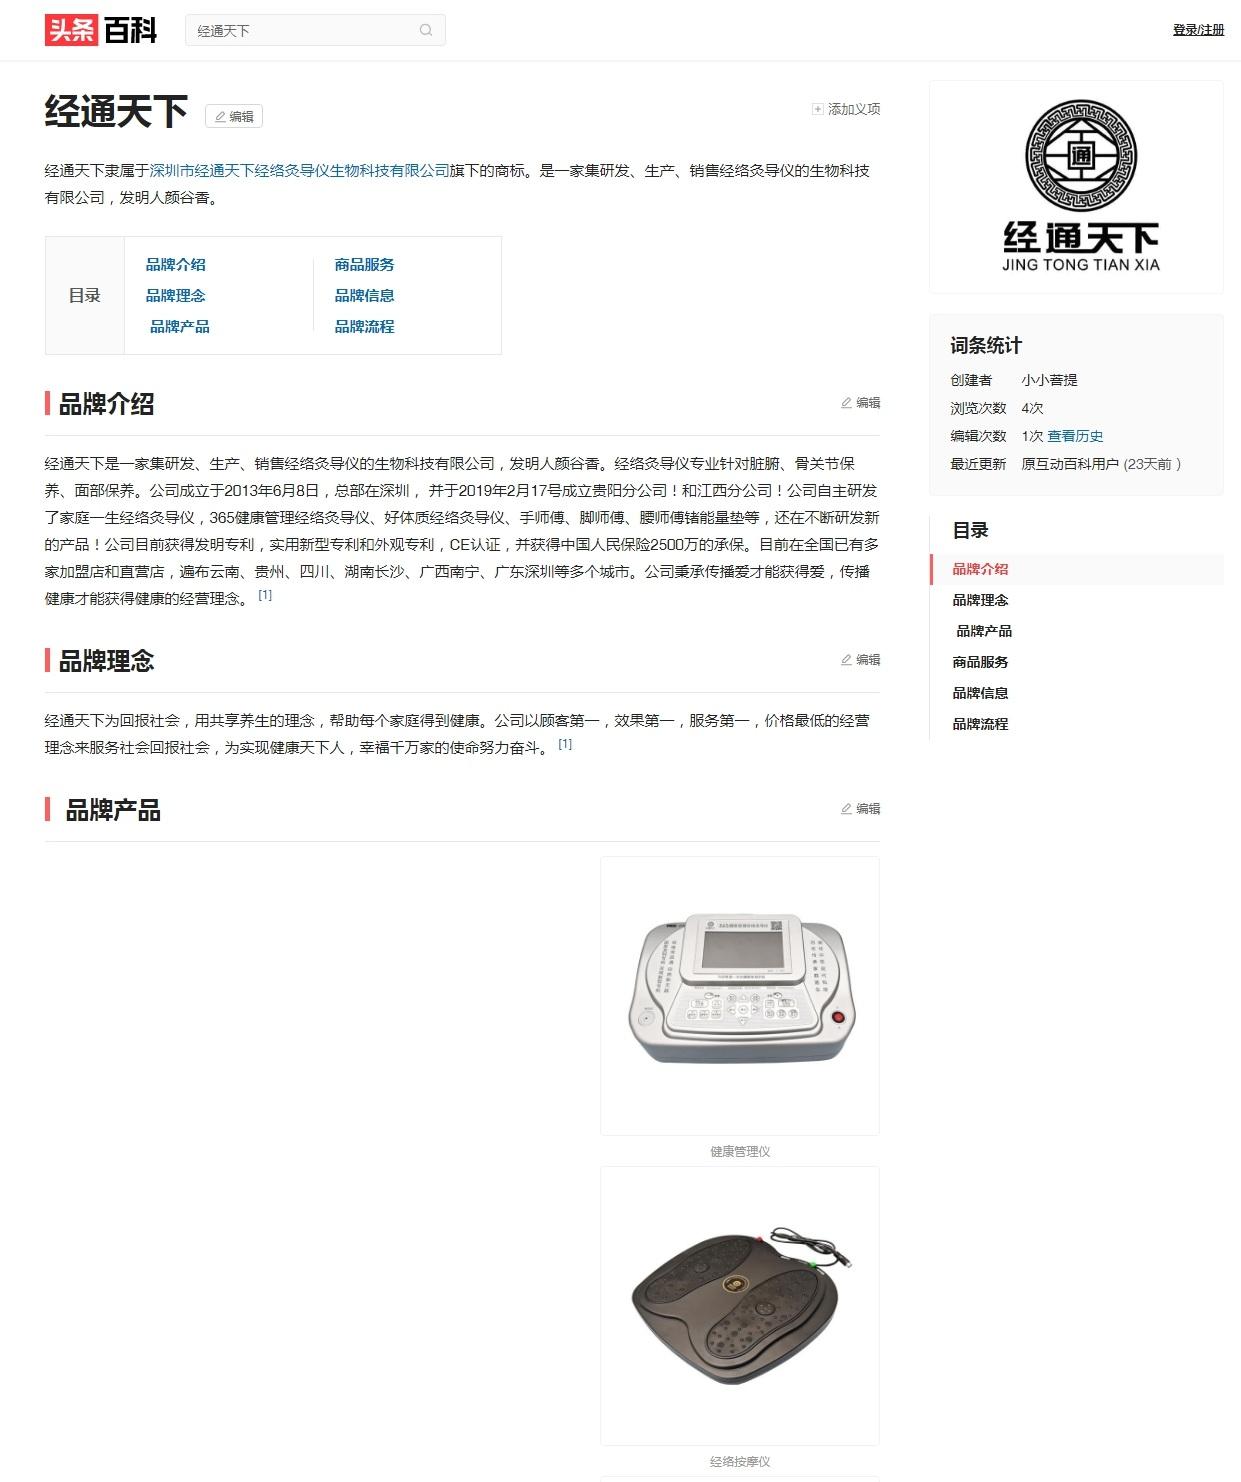 经通天下_品牌介绍_品牌理念_品牌产品 - 头条百科.jpg